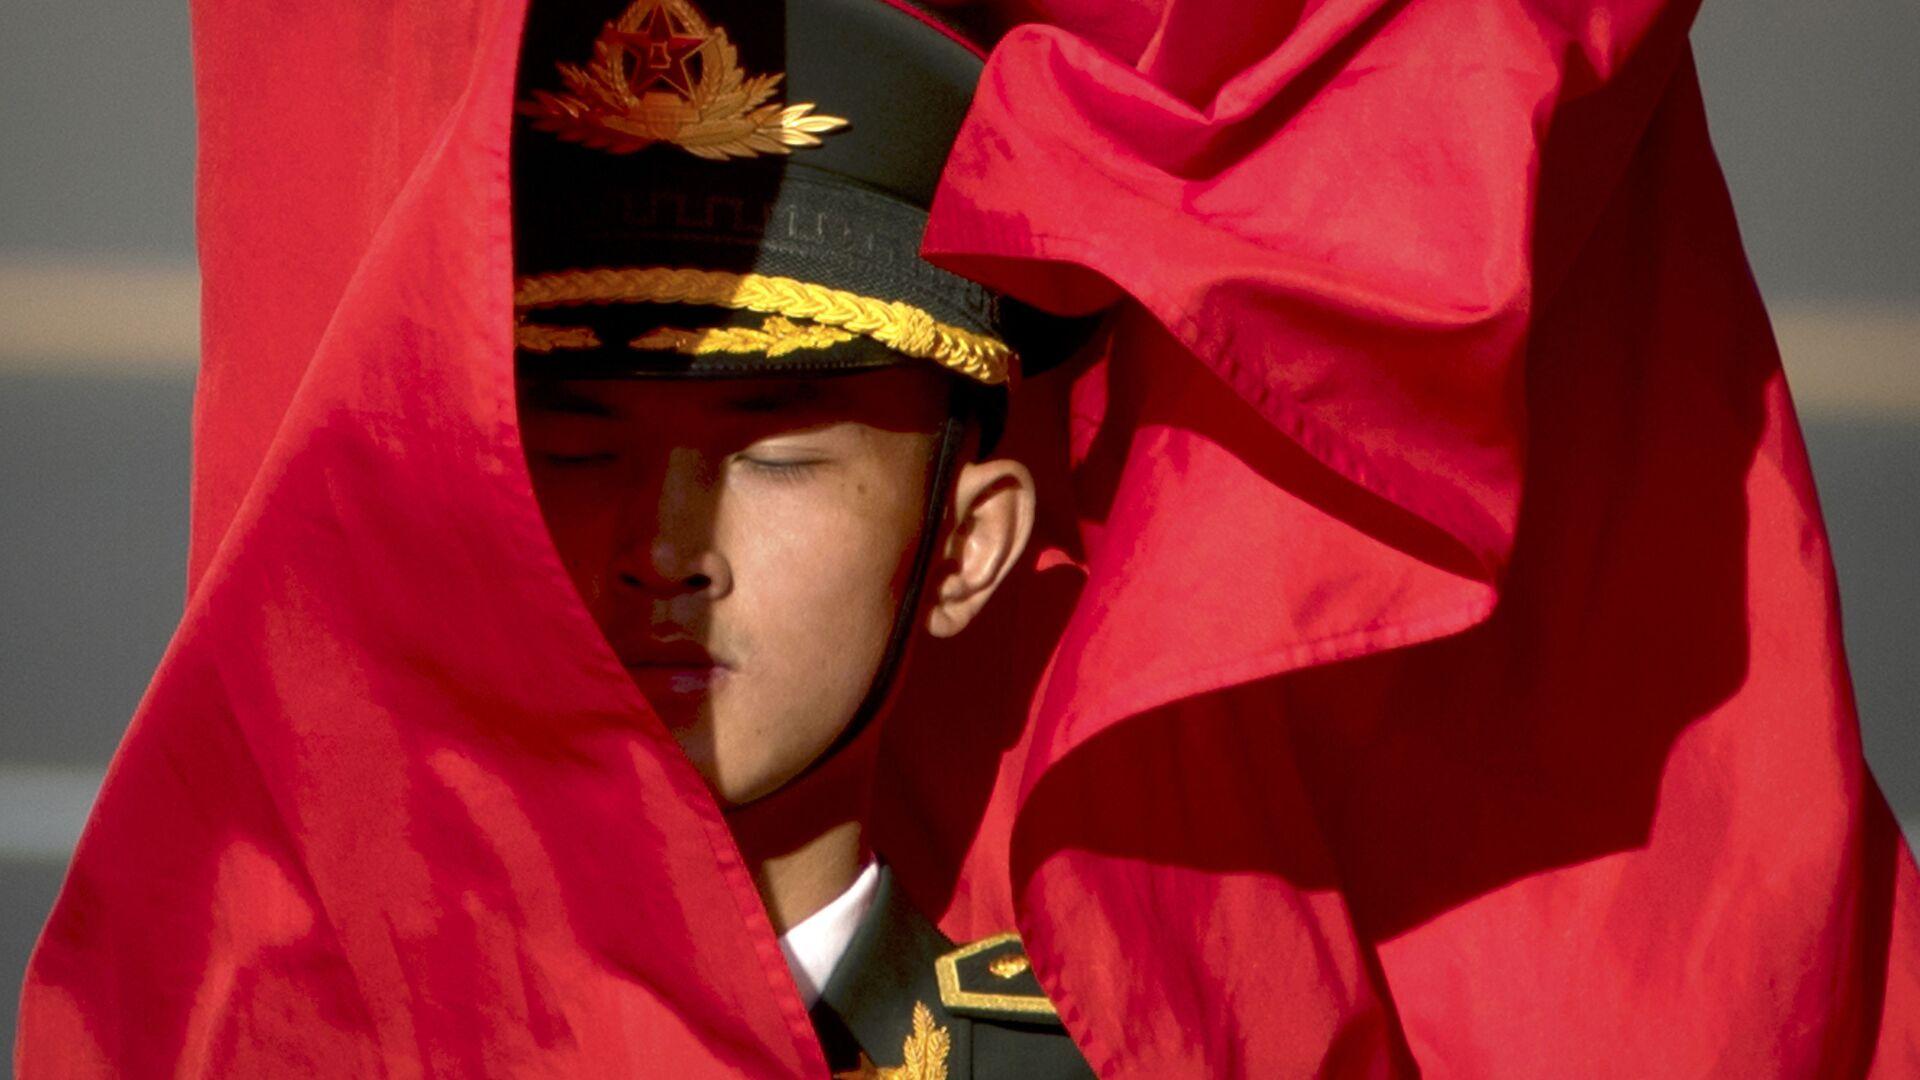 Đội Cảnh vệ với cờ nghi thức trong lễ đón Chủ tịch nước Việt Nam Trần Đại Quang  ở Trung Quốc - Sputnik Việt Nam, 1920, 07.10.2021